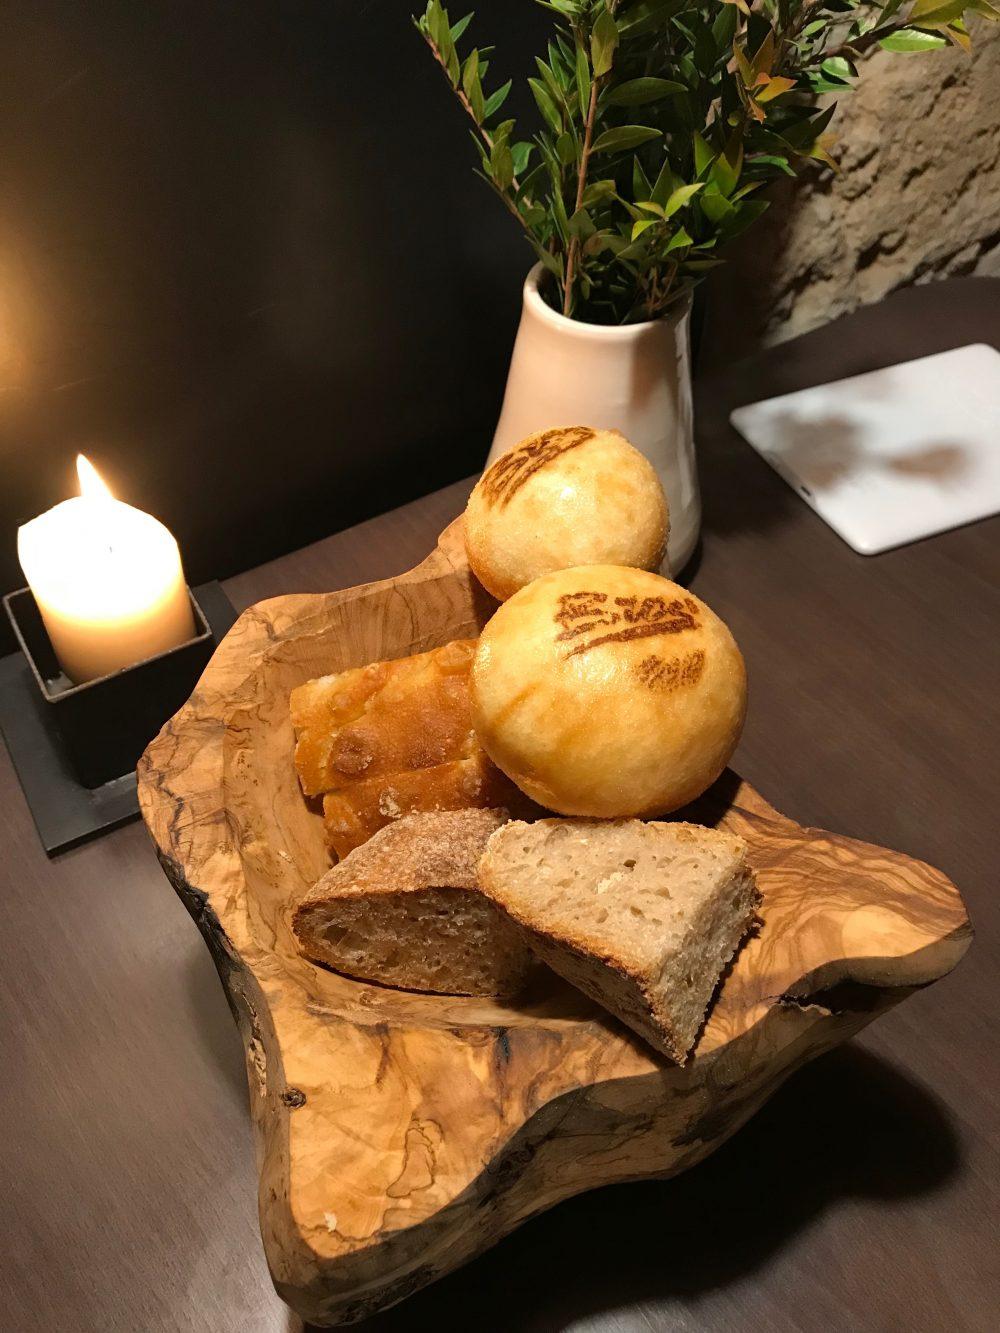 Bros, cestino del Pane con Bao